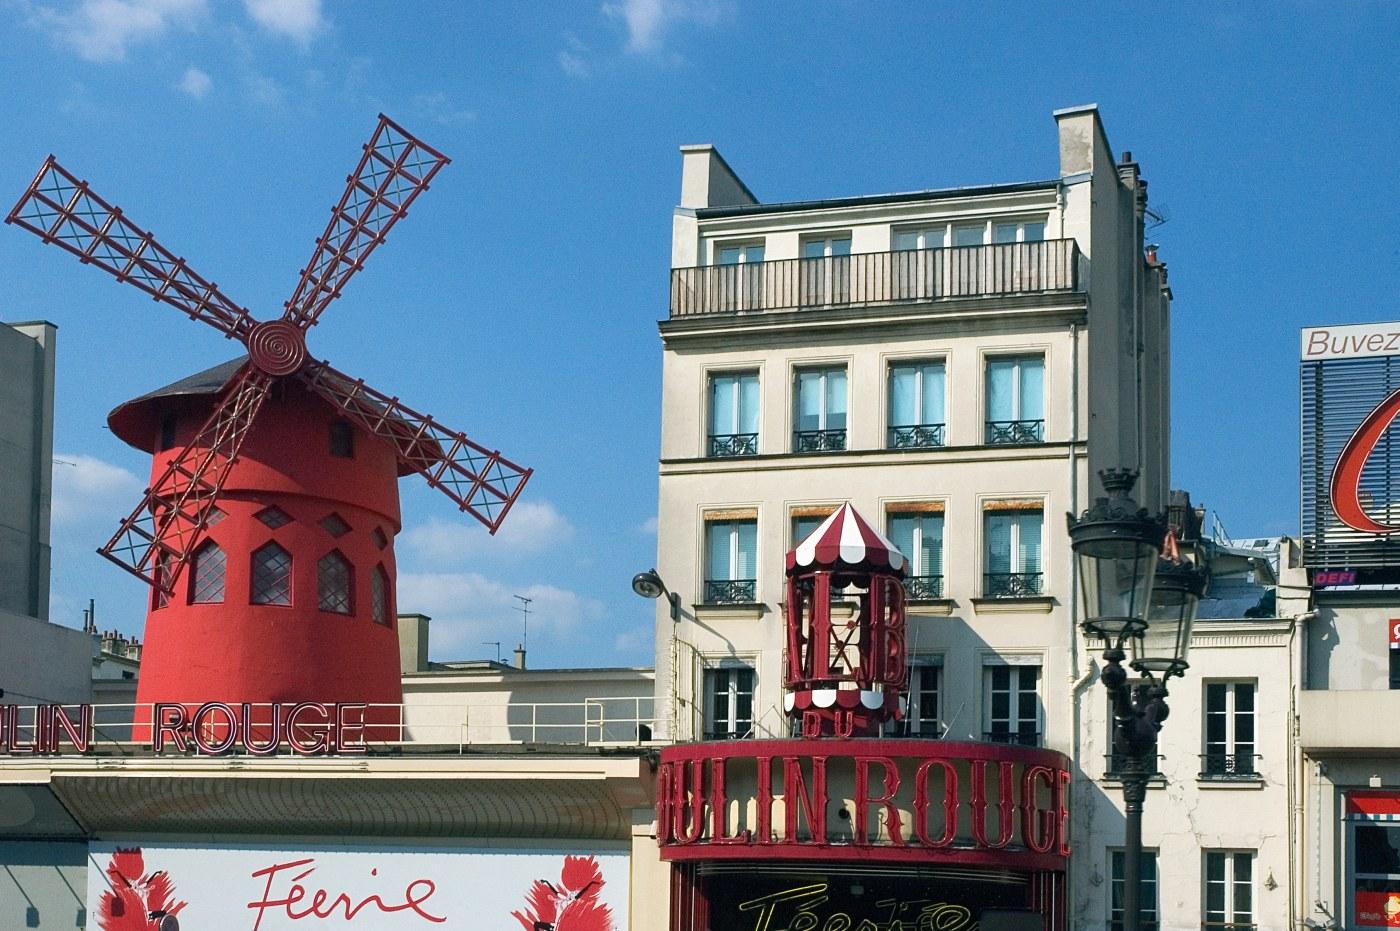 Le Moulin Rouge Plus Grand Cabaret Du Monde